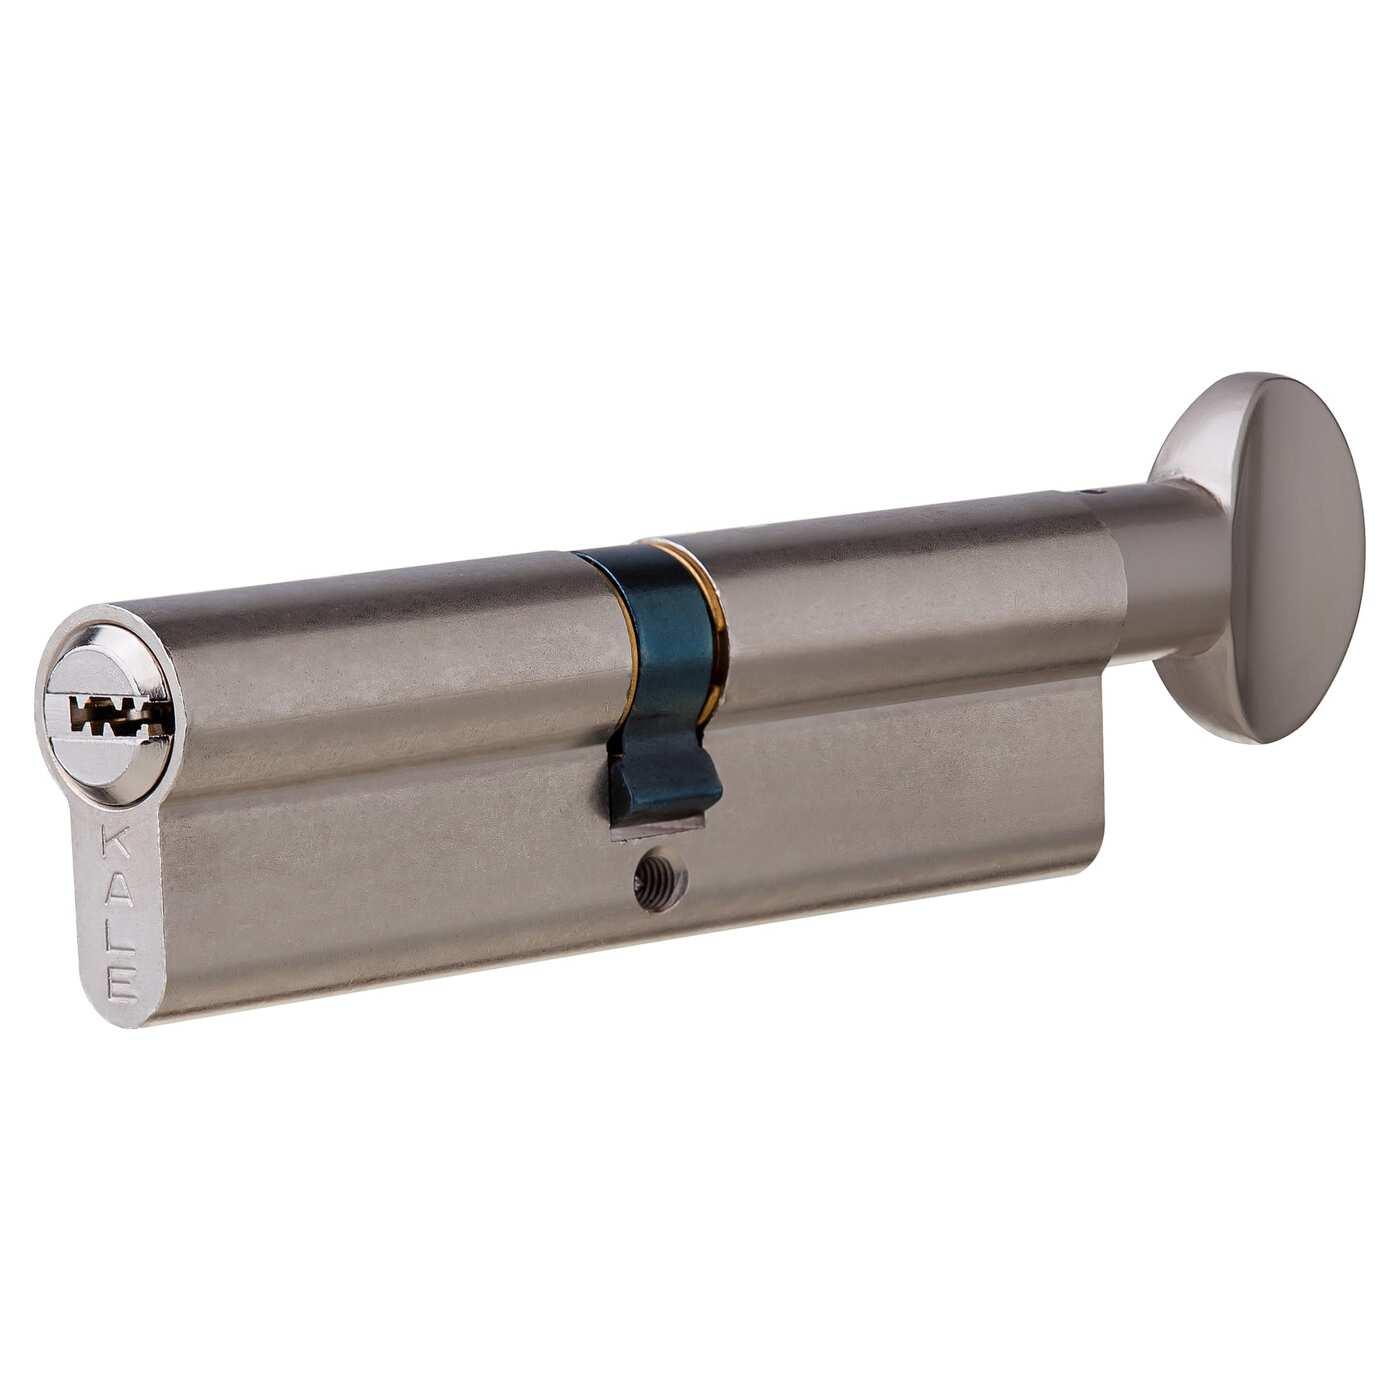 Цилиндр 164SM-100-C-NI, 45х45 мм, ключ/вертушка, цвет никель